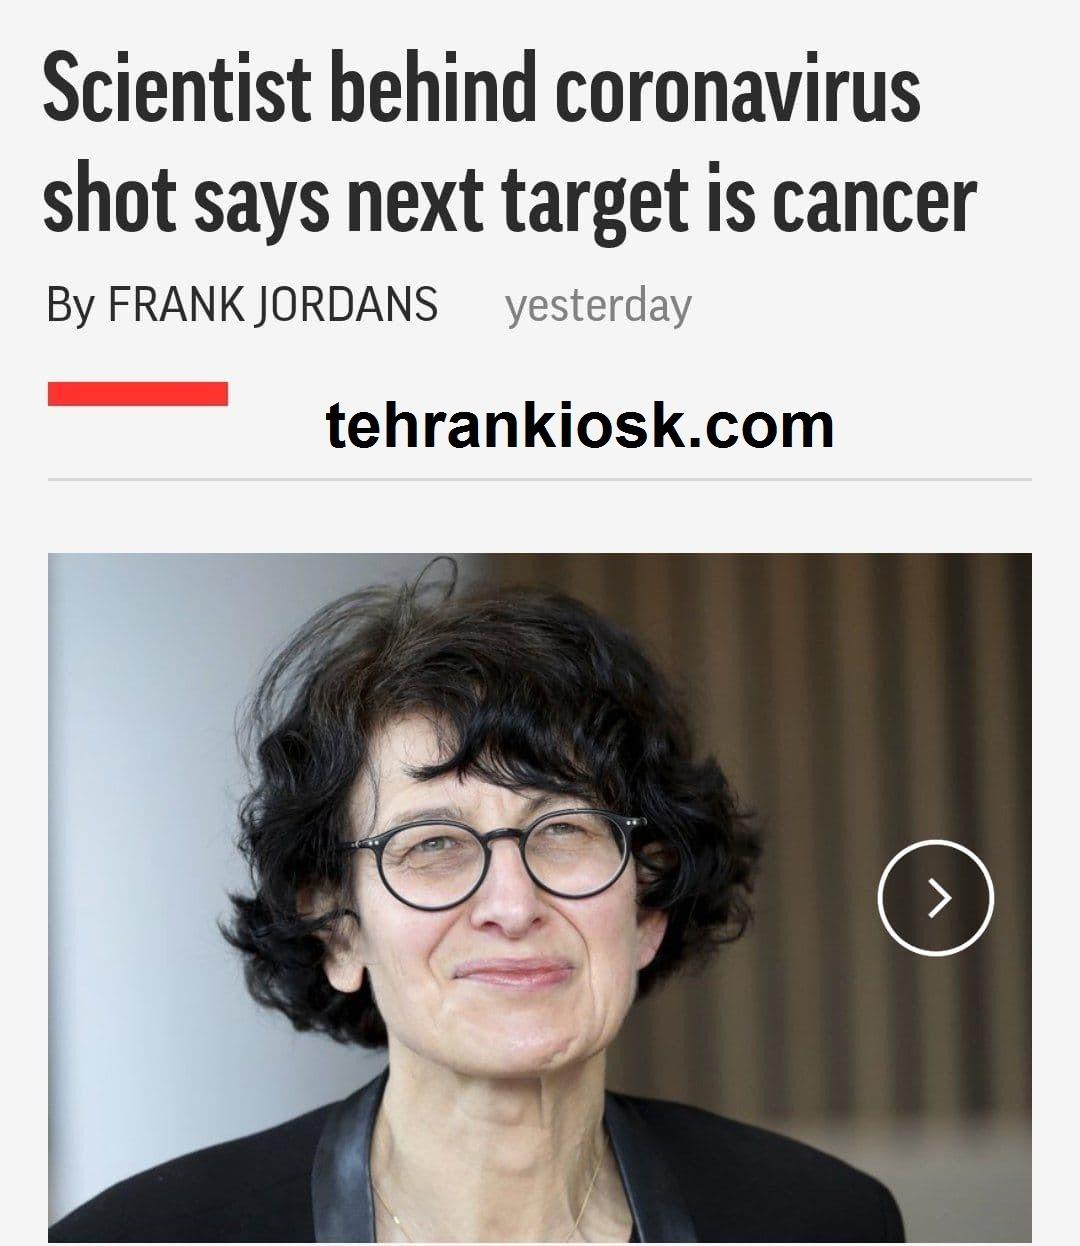 امید به درمان سرطان در آینده از طریق همان روش درمان کووید_19